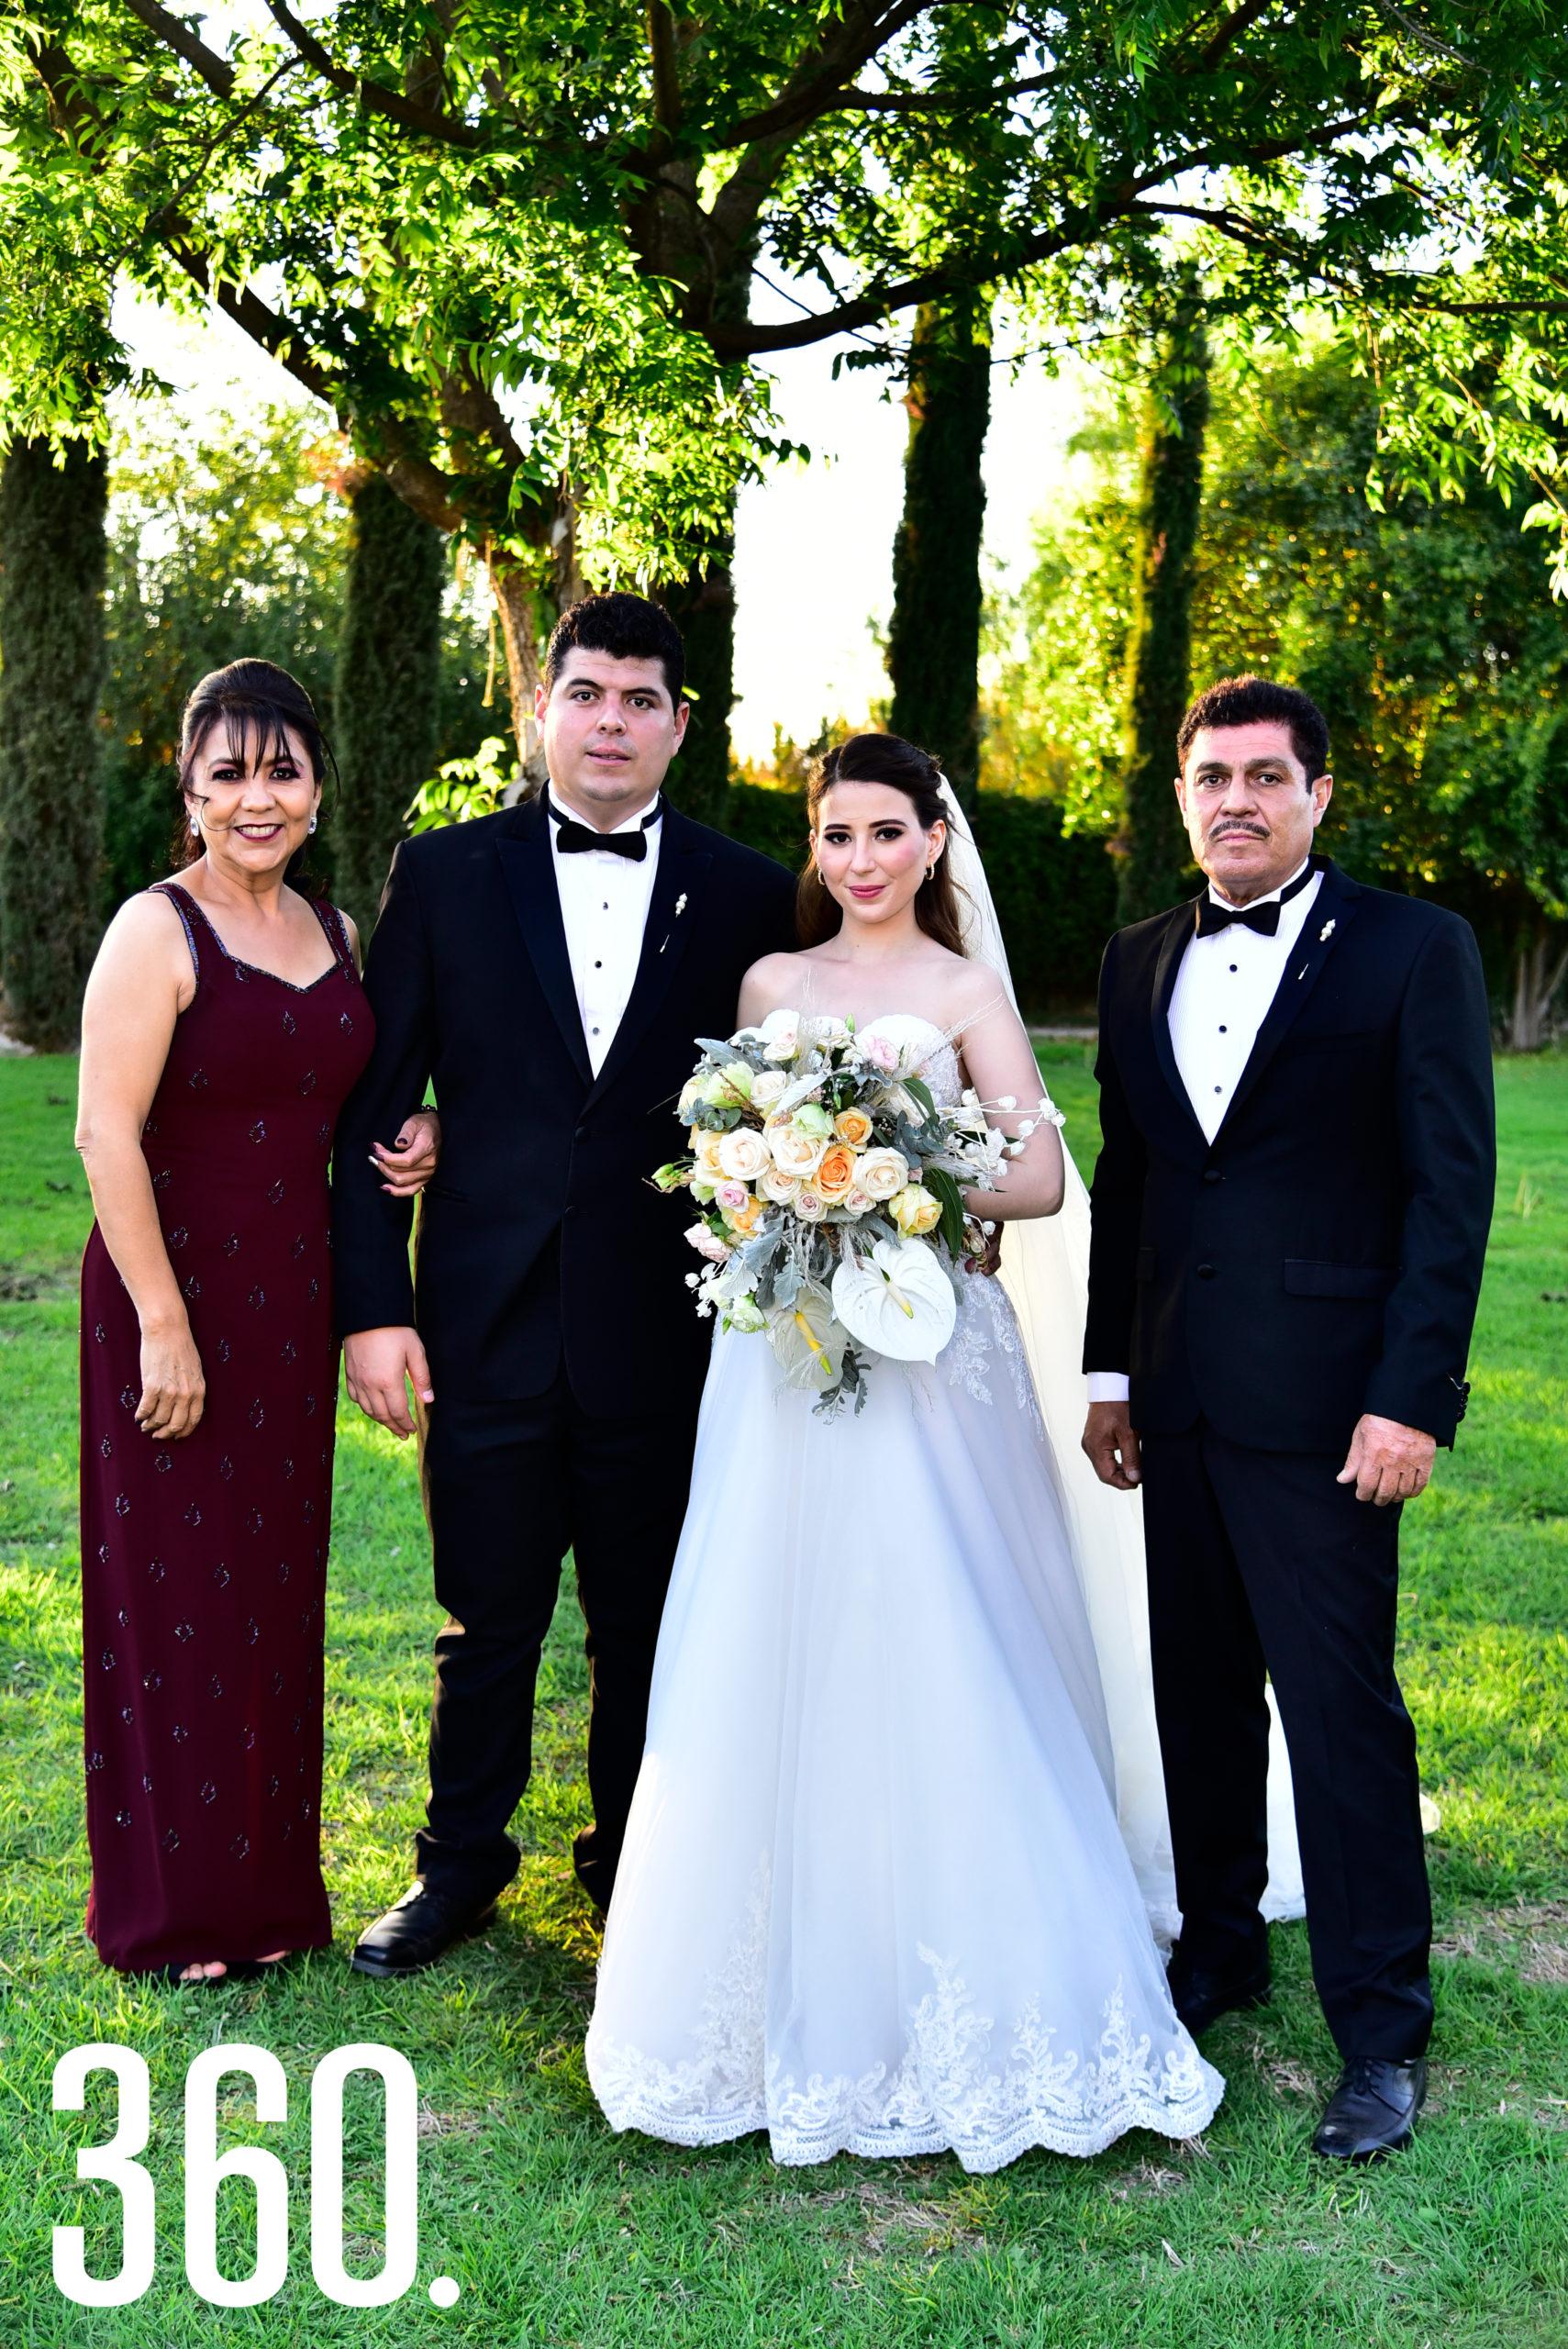 Marycarmen Rodríguez y Arturo Soto con los papás del novio, Adriana Espinoza y Arturo Soto.